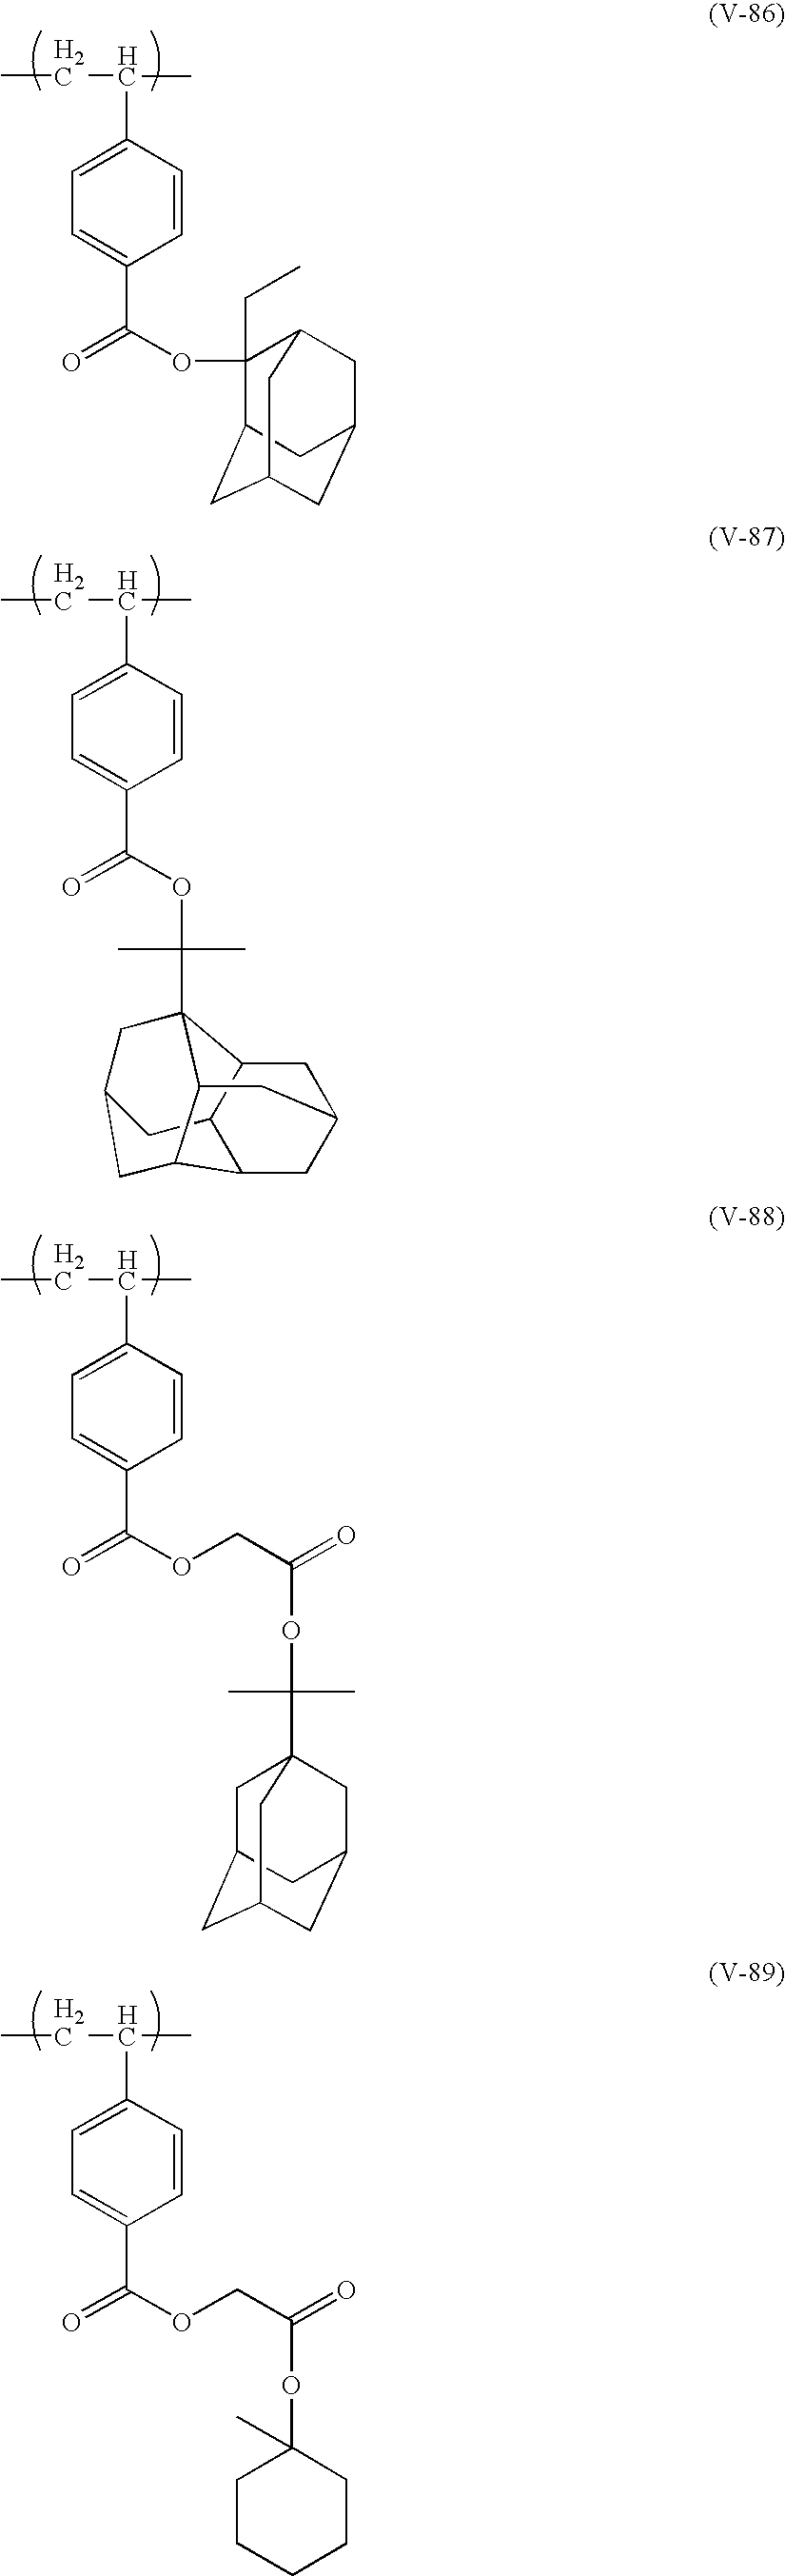 Figure US20100183975A1-20100722-C00123